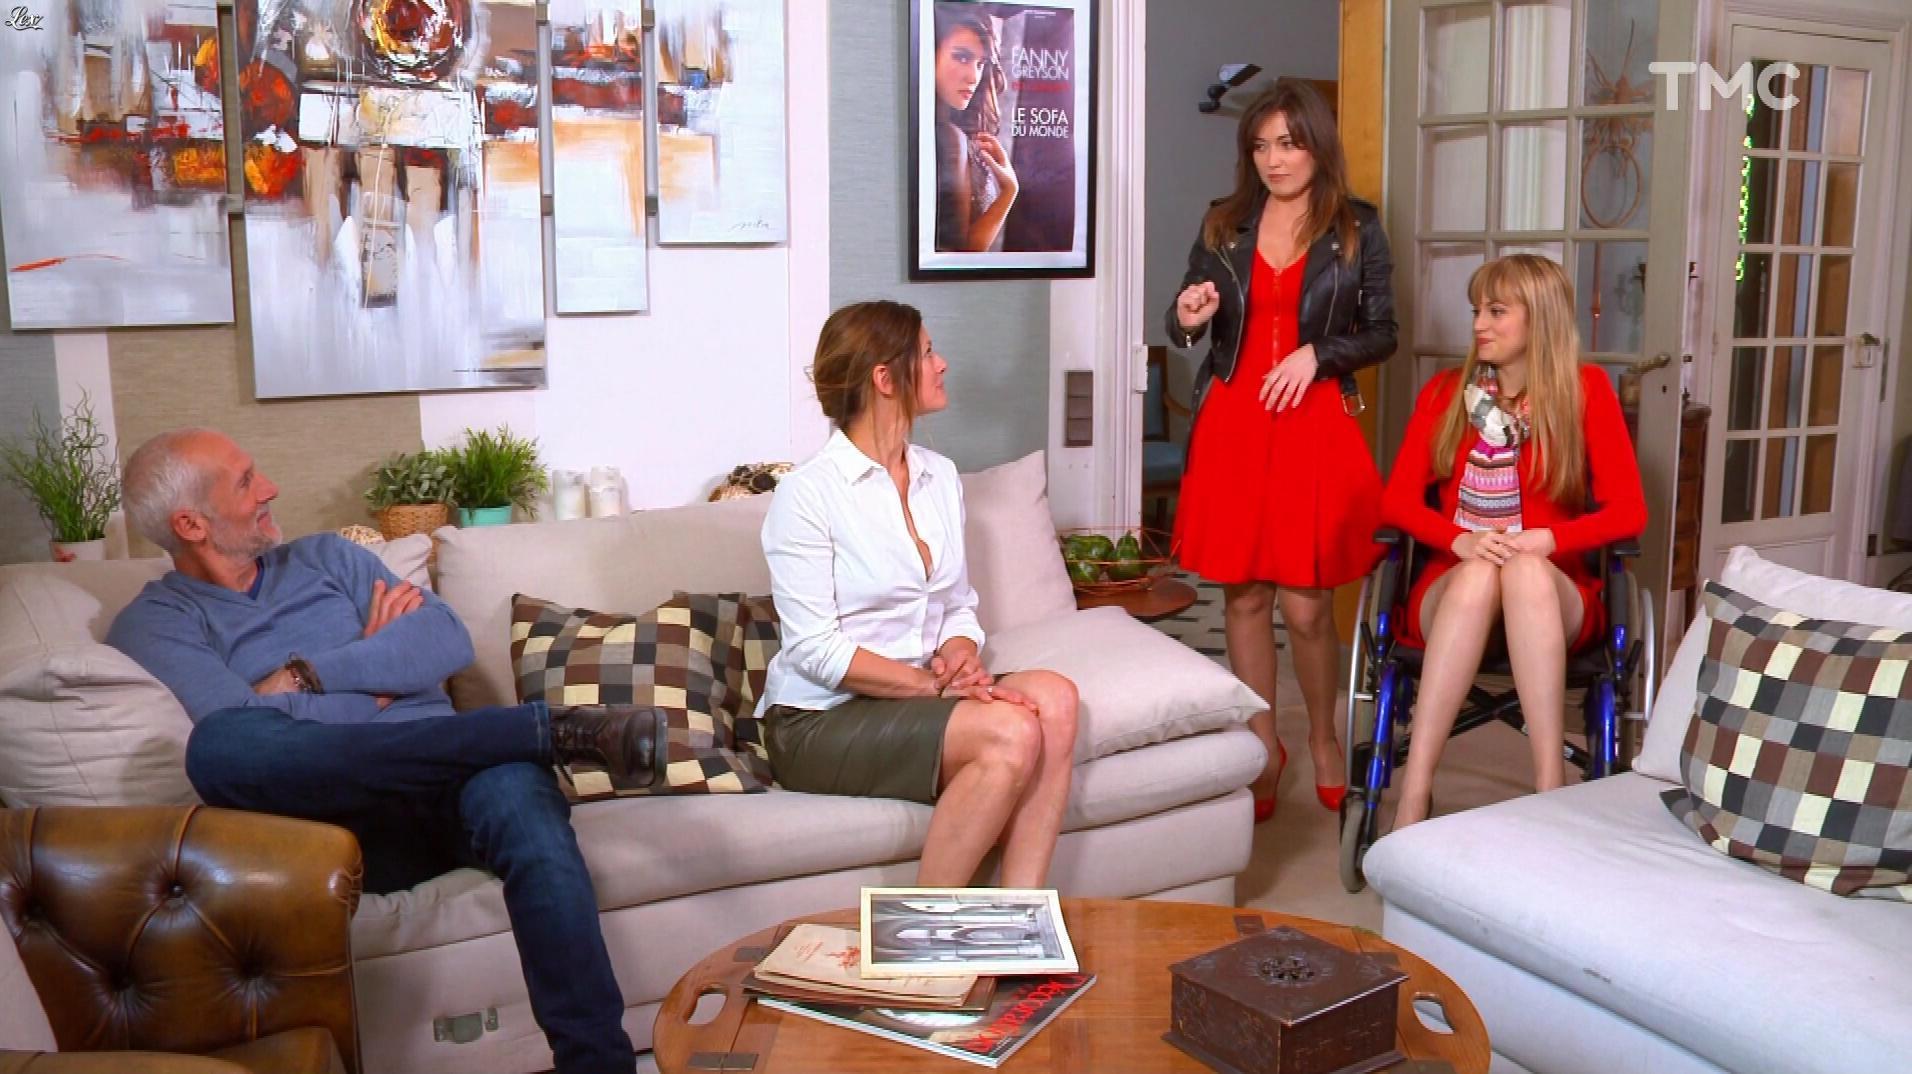 Laly Meignan, Elsa Esnoult et Ambre Rochard dans les Mystères de l'Amour. Diffusé à la télévision le 04/07/17.